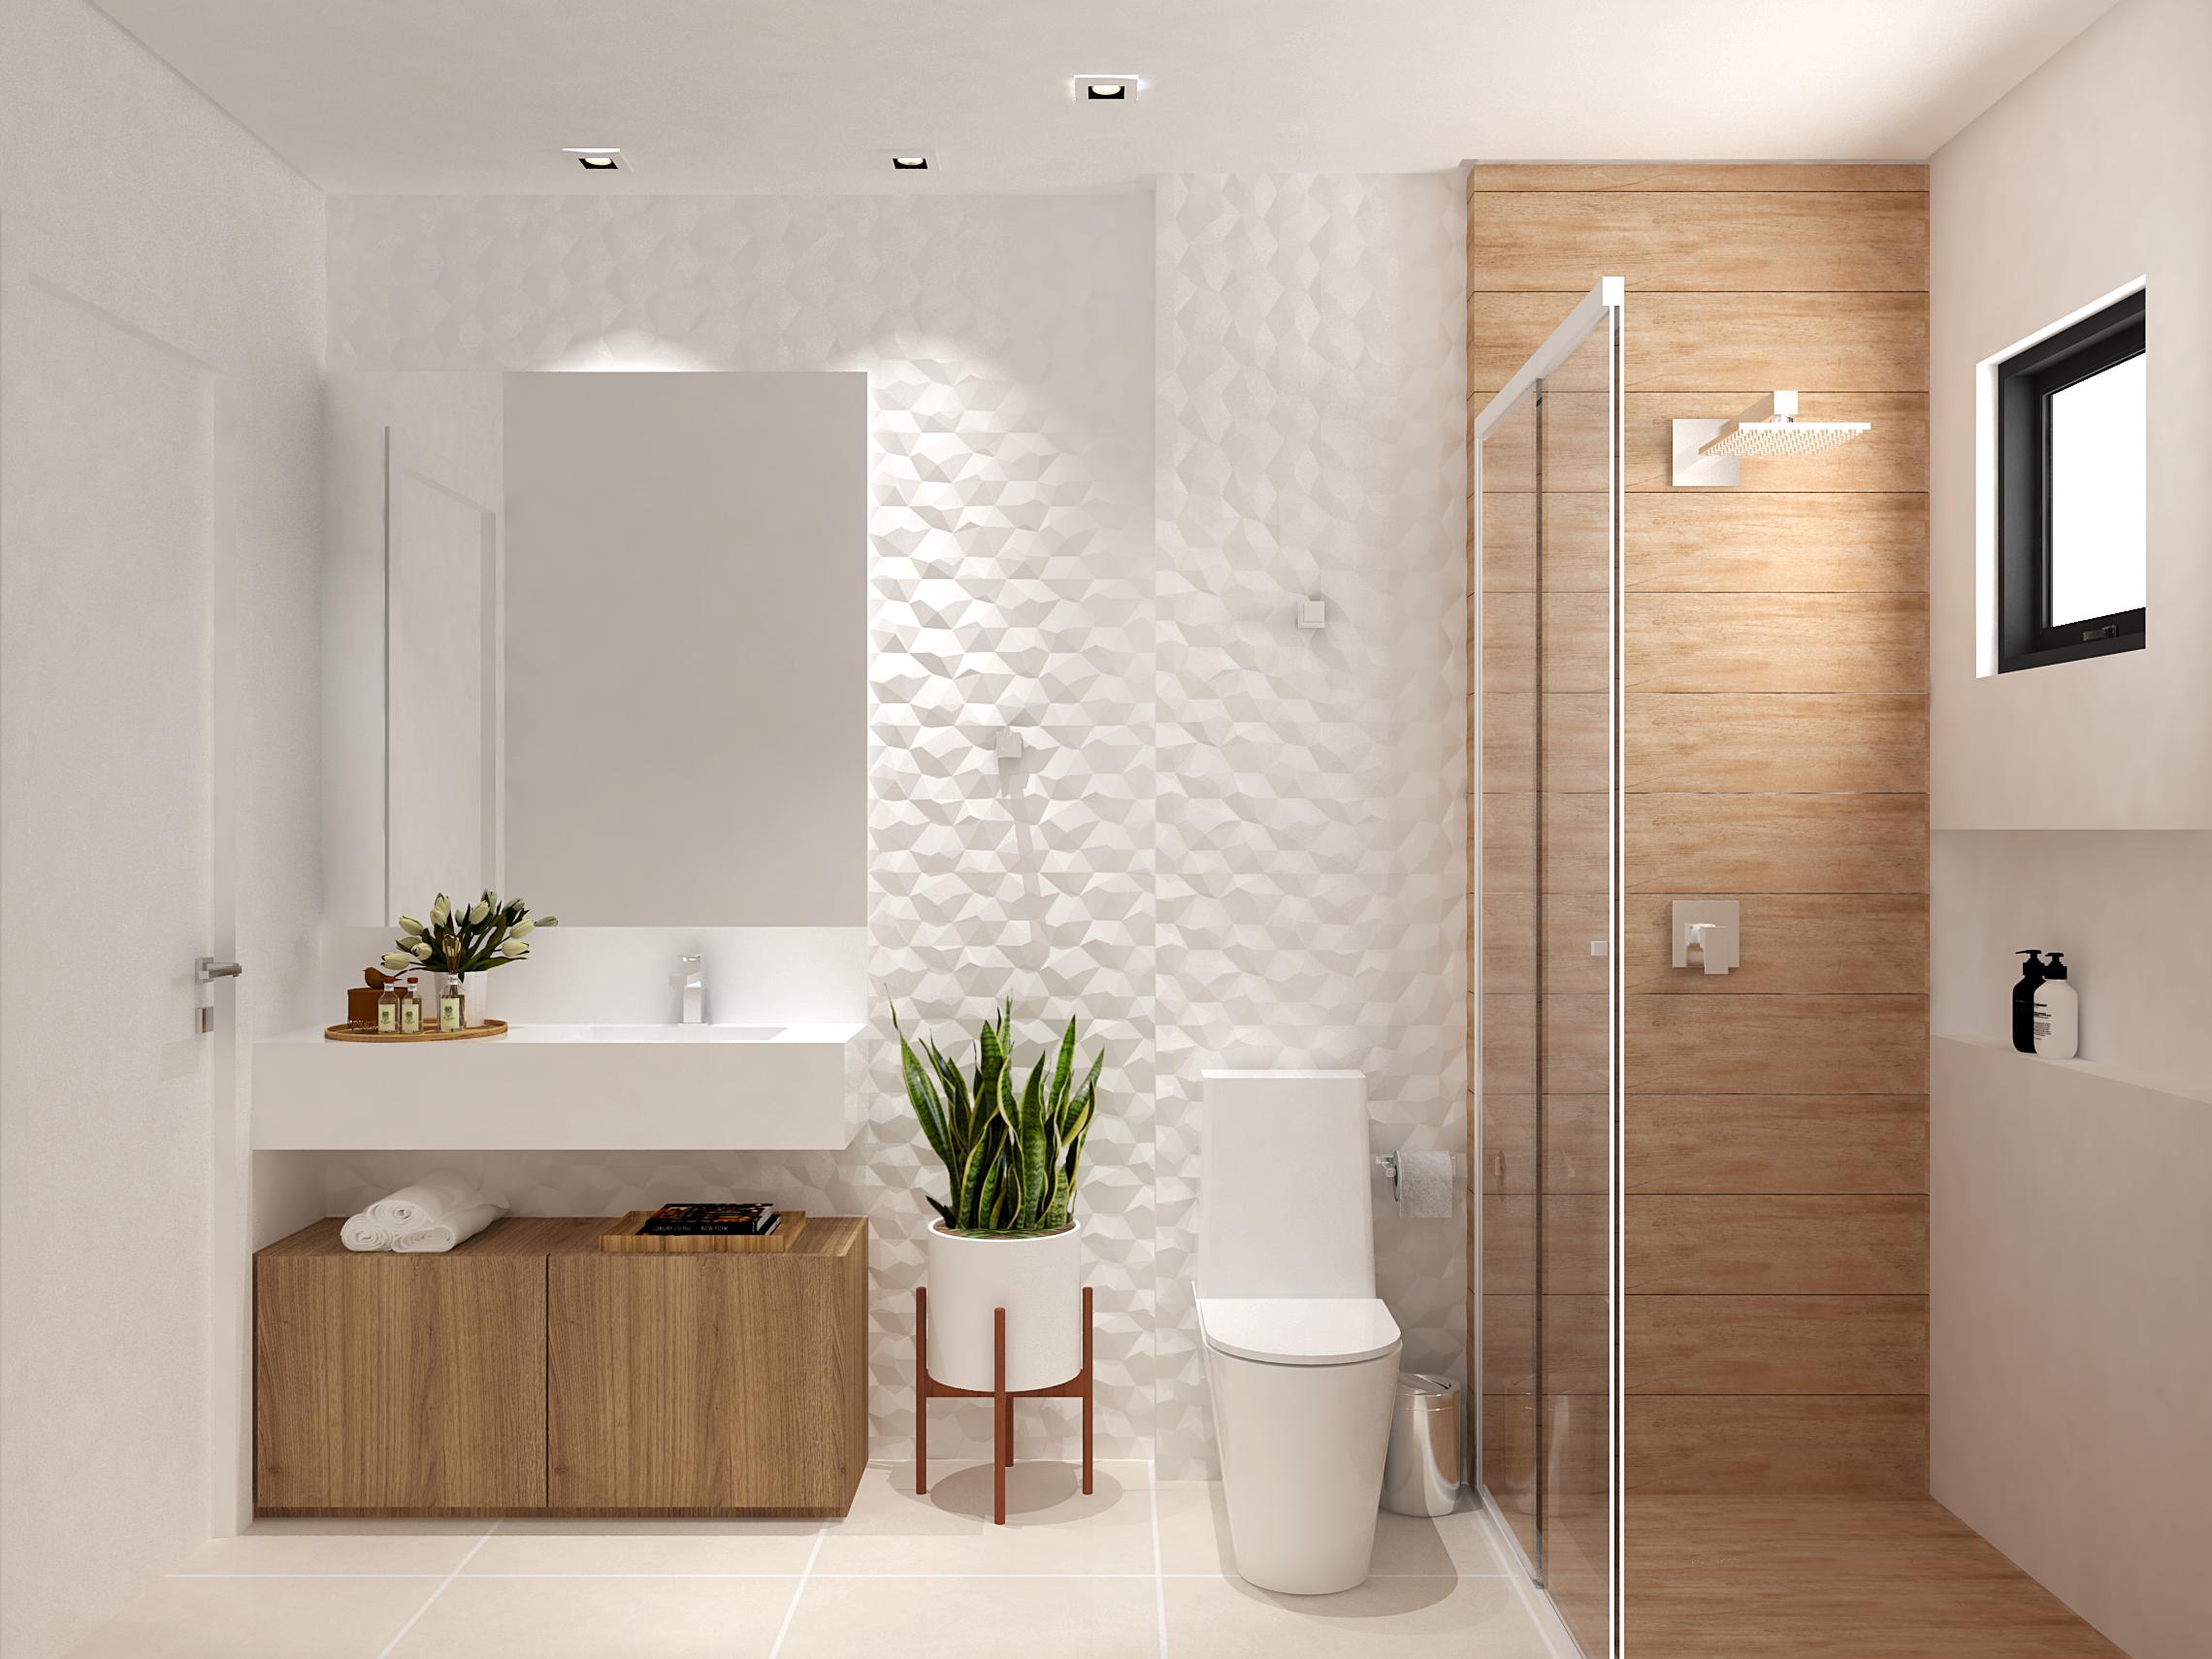 Banheiro Hospedes Banheiro Banheiropequeno Hospedes In 2020 Kleine Badezimmer Design Toilette Dekoration Kleines Bad Renovierungen